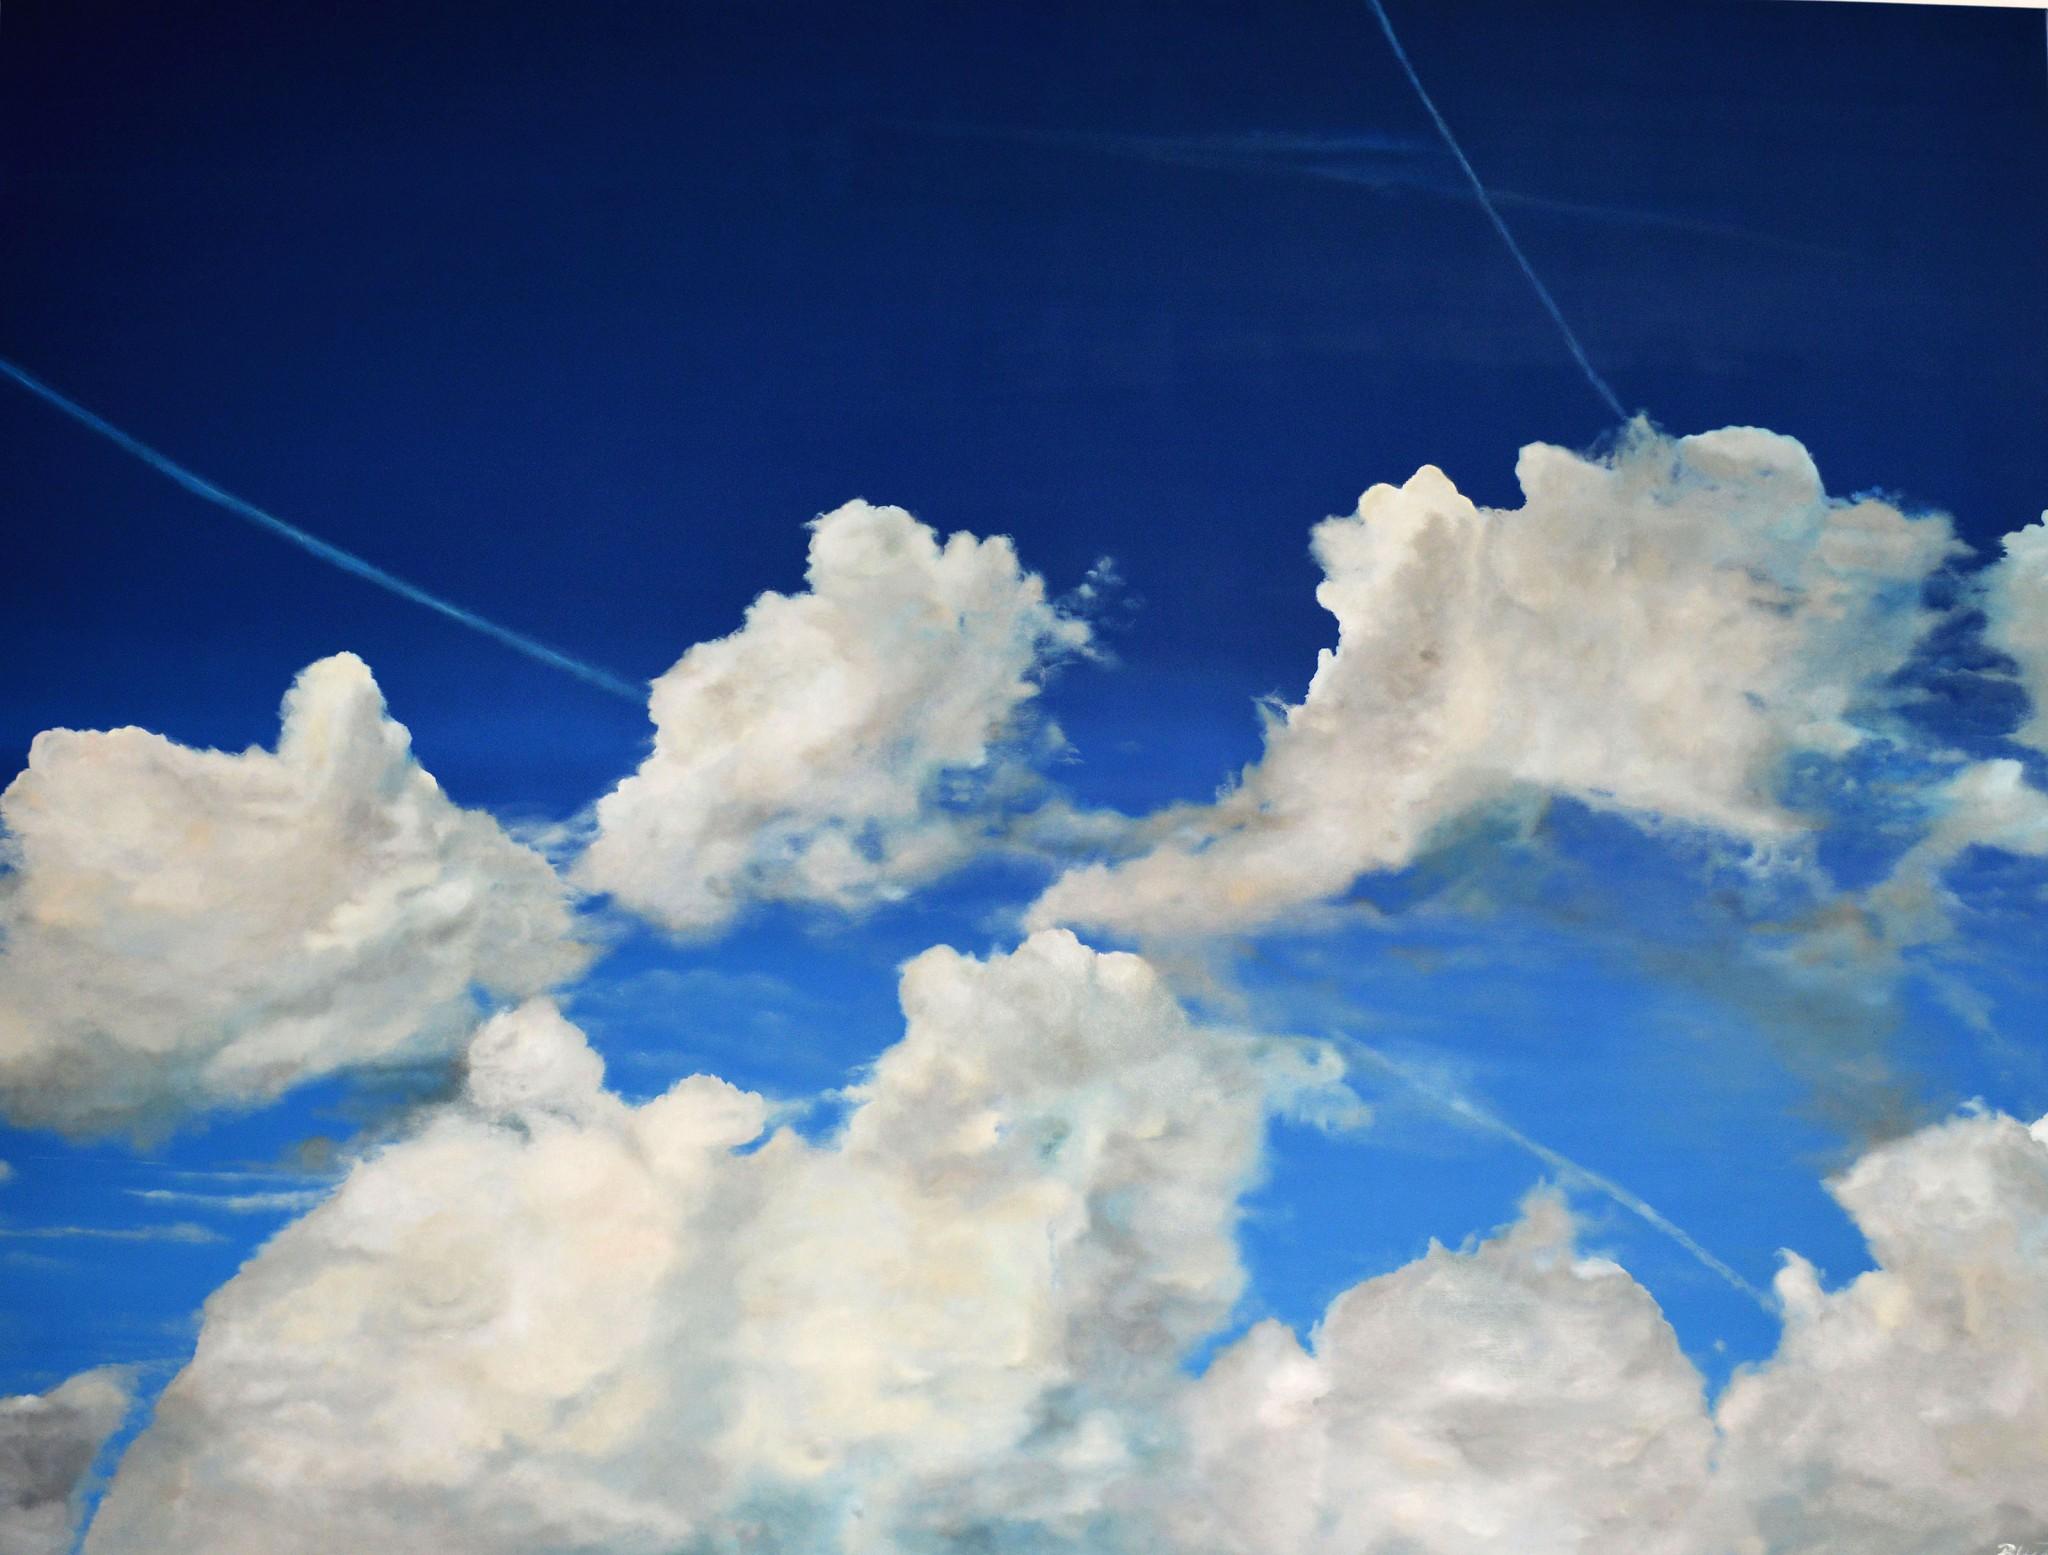 Wolkenblau und Himmelweiß, 2014, Öl/Leinwand, 200 x 150 cm